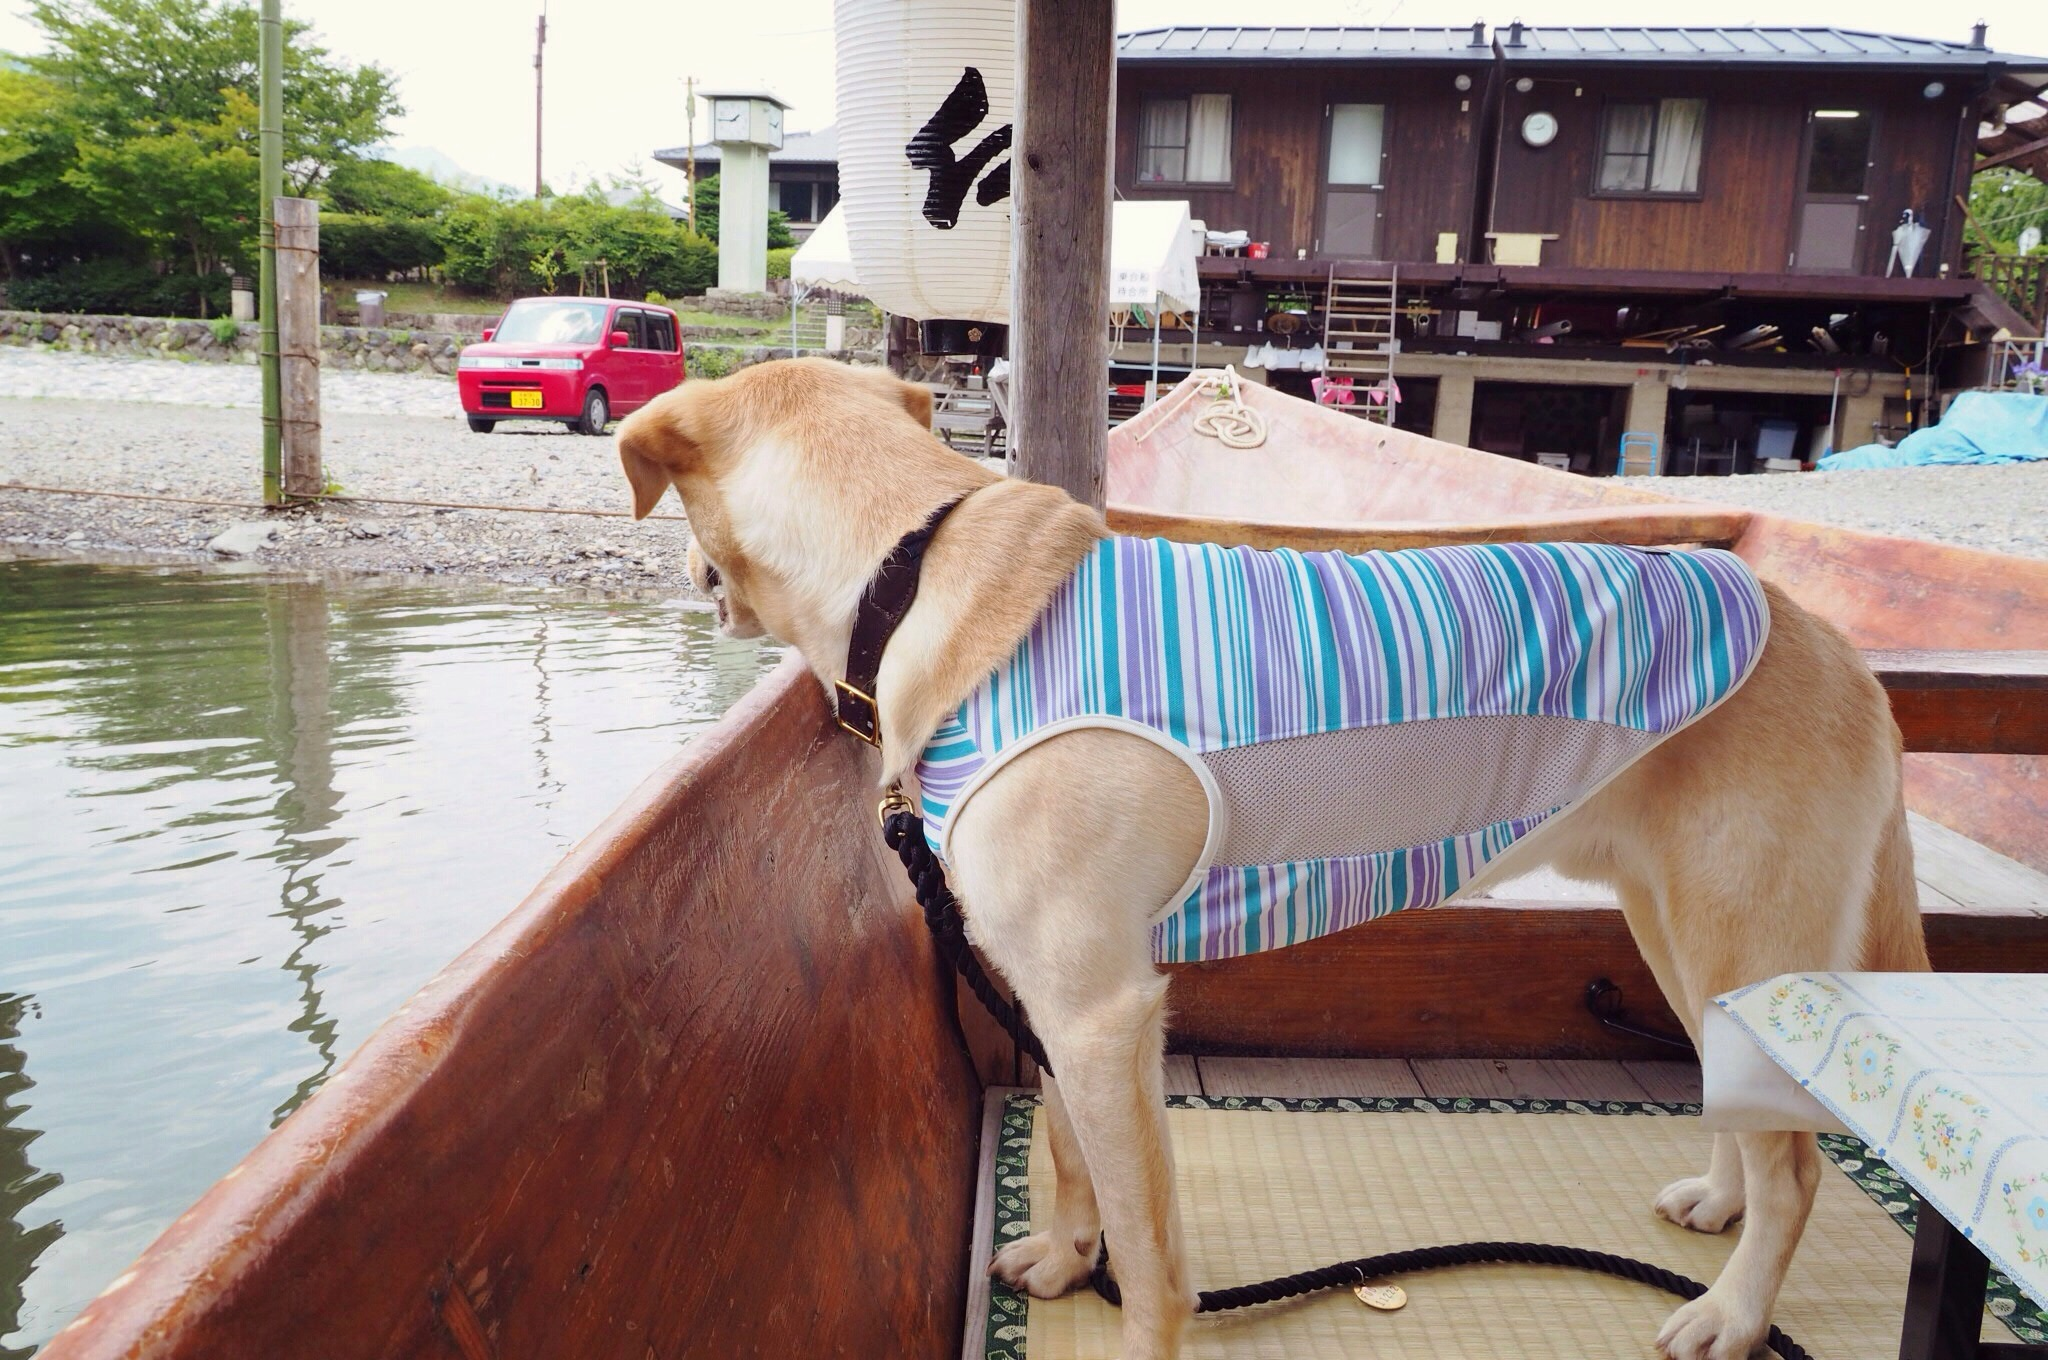 嵐山 屋形船 大型犬 わんこ